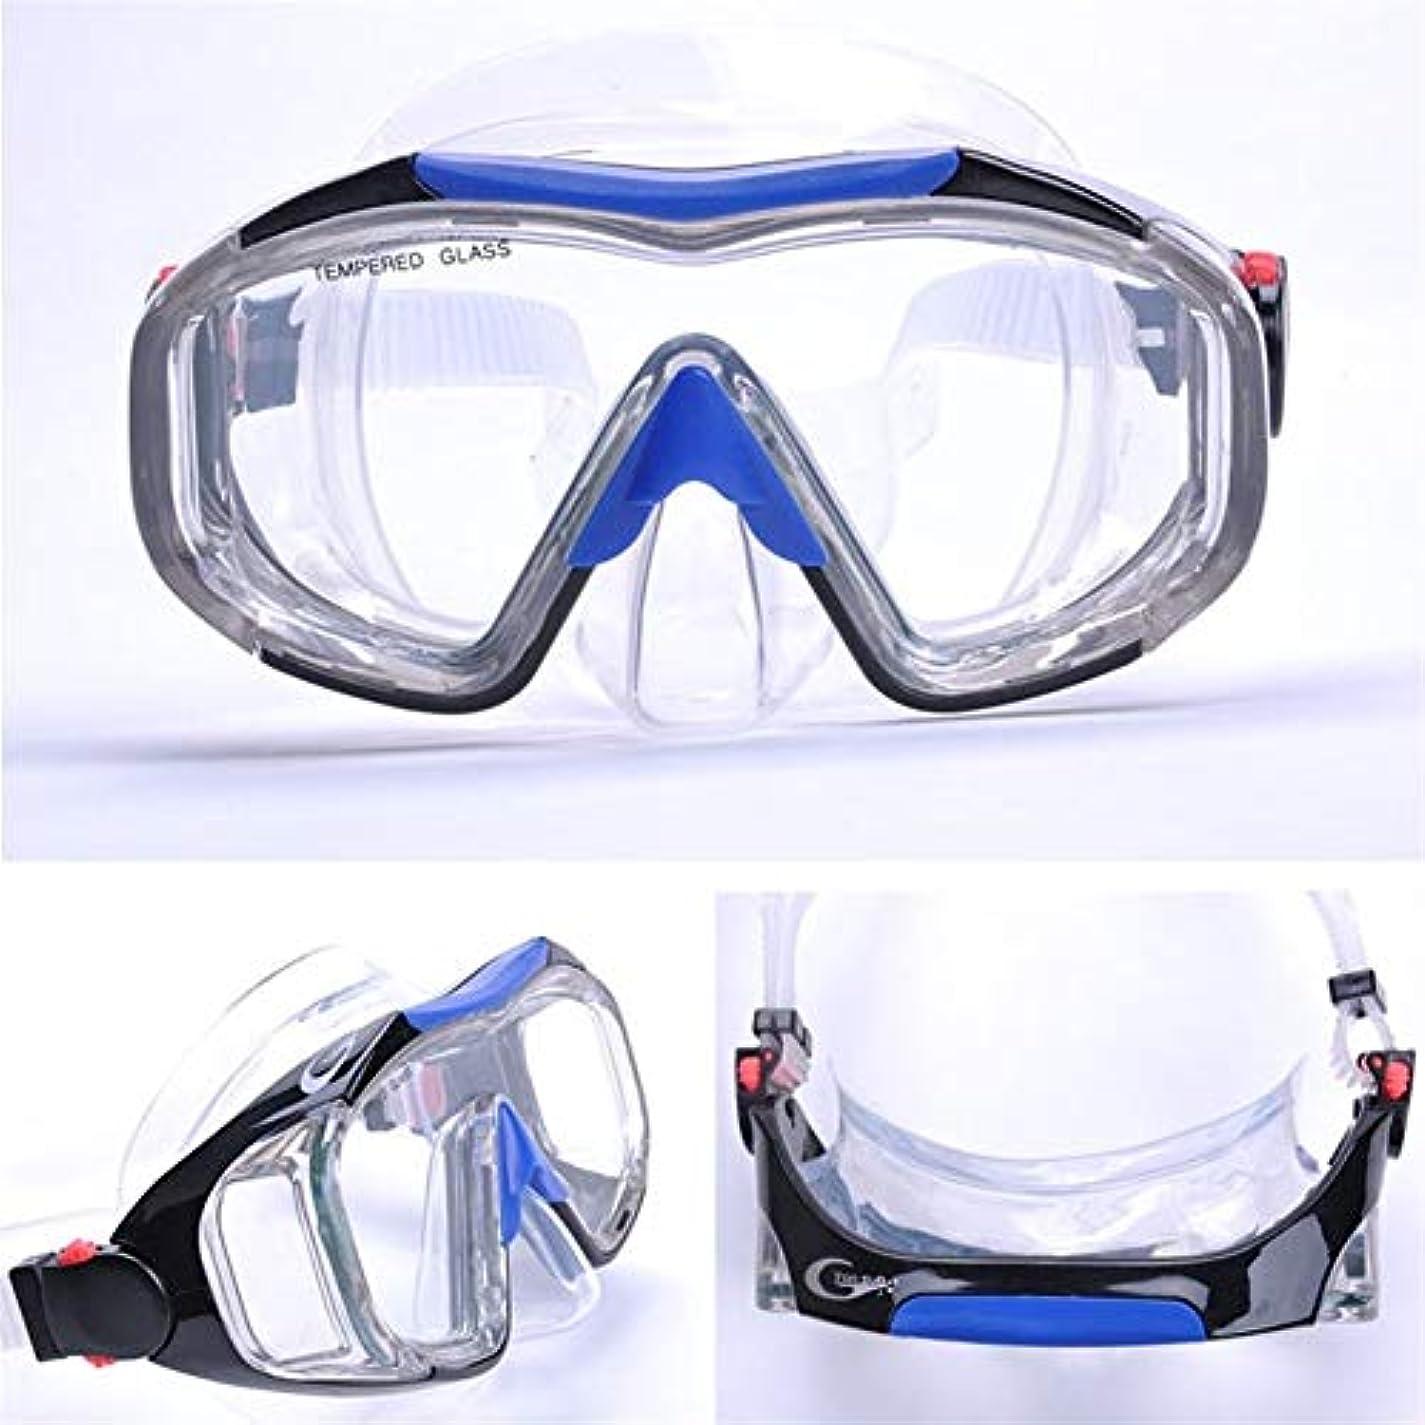 ダイビング水泳マスクセット4レンズワイドフィールドゴーグルを搭載した防曇水中シュノーケリングマスク g5y9k2i3rw1